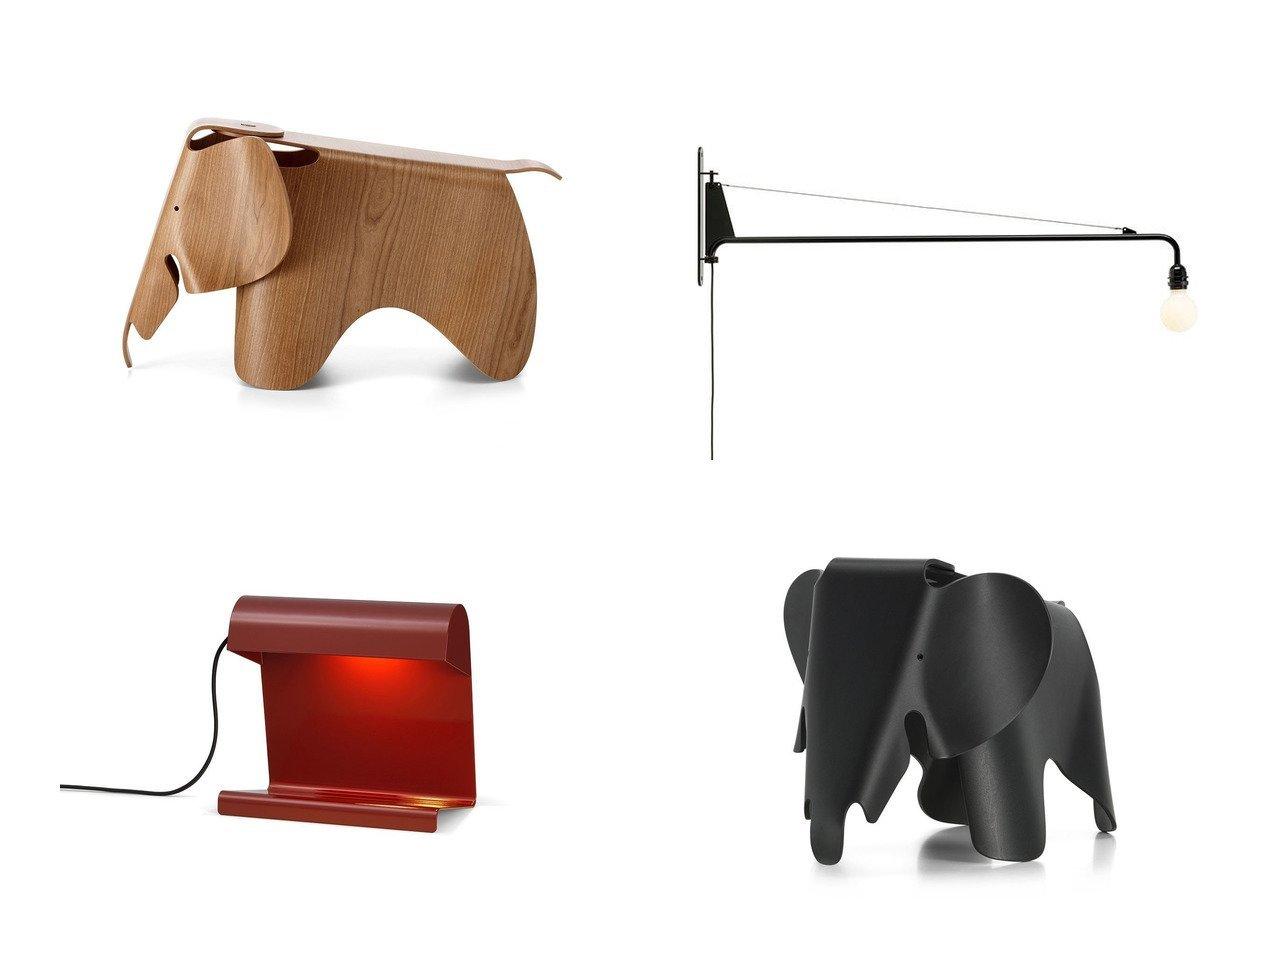 【Vitra / GOODS/ヴィトラ】のプチポテンス&ランプ ド ビューロ&イームズ エレファント&Eames Elephant(Plywood) イームズ エレファント プライウッド 【INTERIOR】おすすめ!人気、インテリア・家具の通販  おすすめで人気の流行・トレンド、ファッションの通販商品 メンズファッション・キッズファッション・インテリア・家具・レディースファッション・服の通販 founy(ファニー) https://founy.com/ 送料無料 Free Shipping コンパクト テーブル デスク パウダー フランス アメリカン チェリー ホームグッズ Home garden 家具・インテリア Furniture ライト・照明 Lighting & Light Fixtures ホームグッズ Home garden 家具・インテリア Furniture ライト・照明 Lighting & Light Fixtures デスクライト・テーブルライト  ID:crp329100000012726